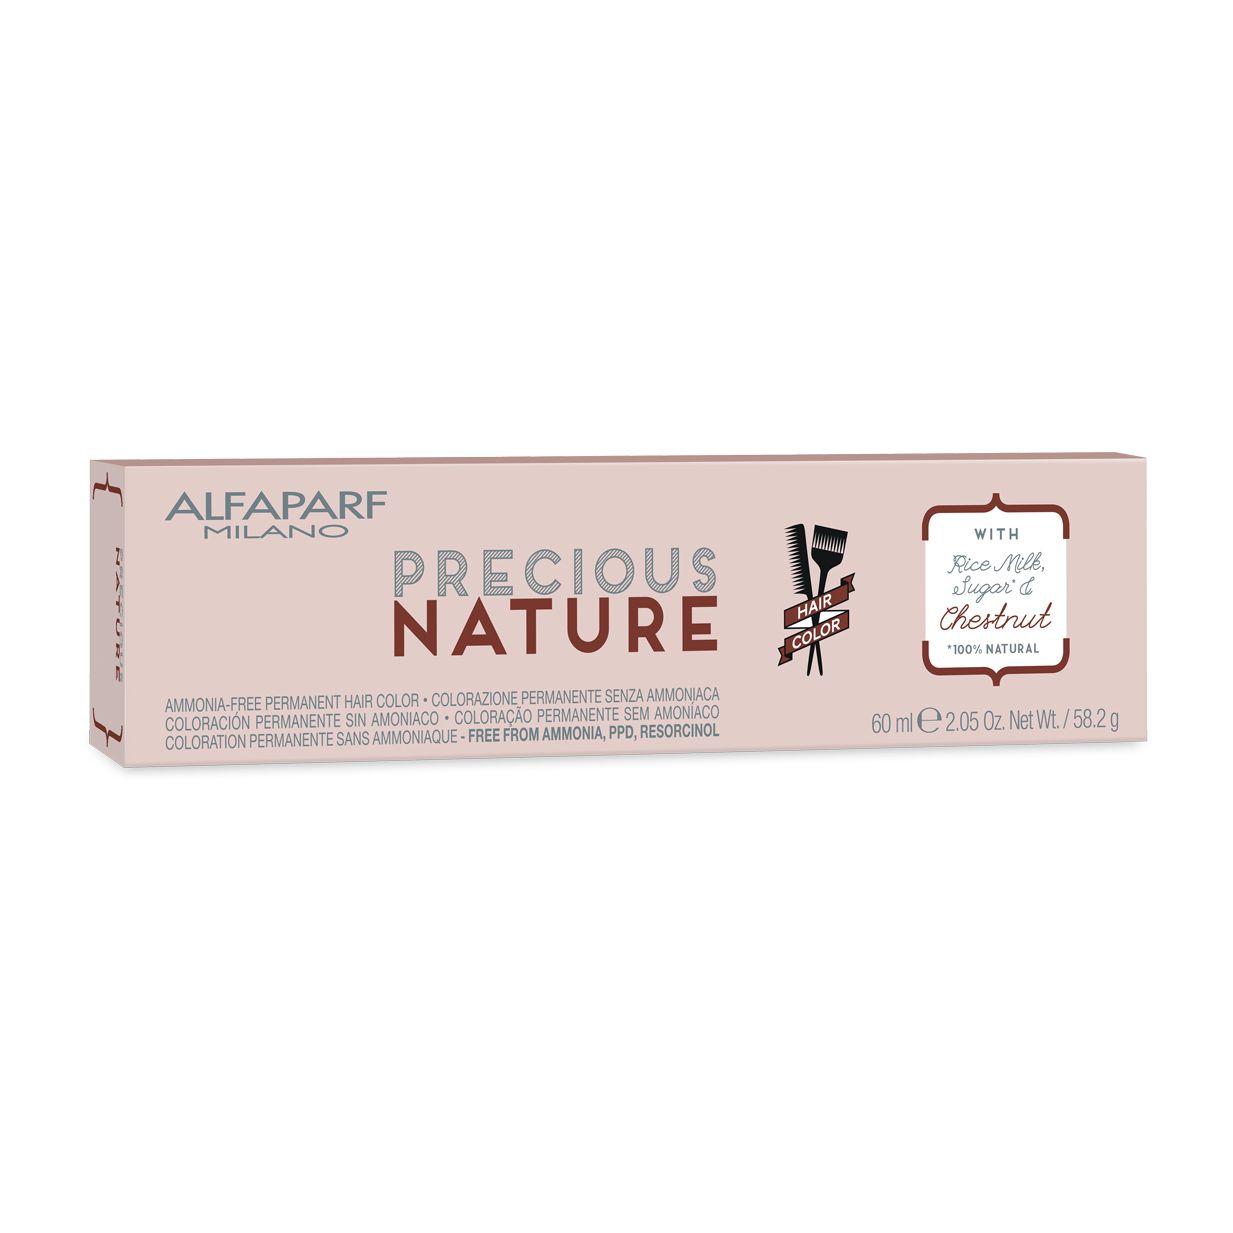 Alfaparf Milano Precious Nature Hair Color Natural Creme de Coloração 4 Castanho Médio 60ml